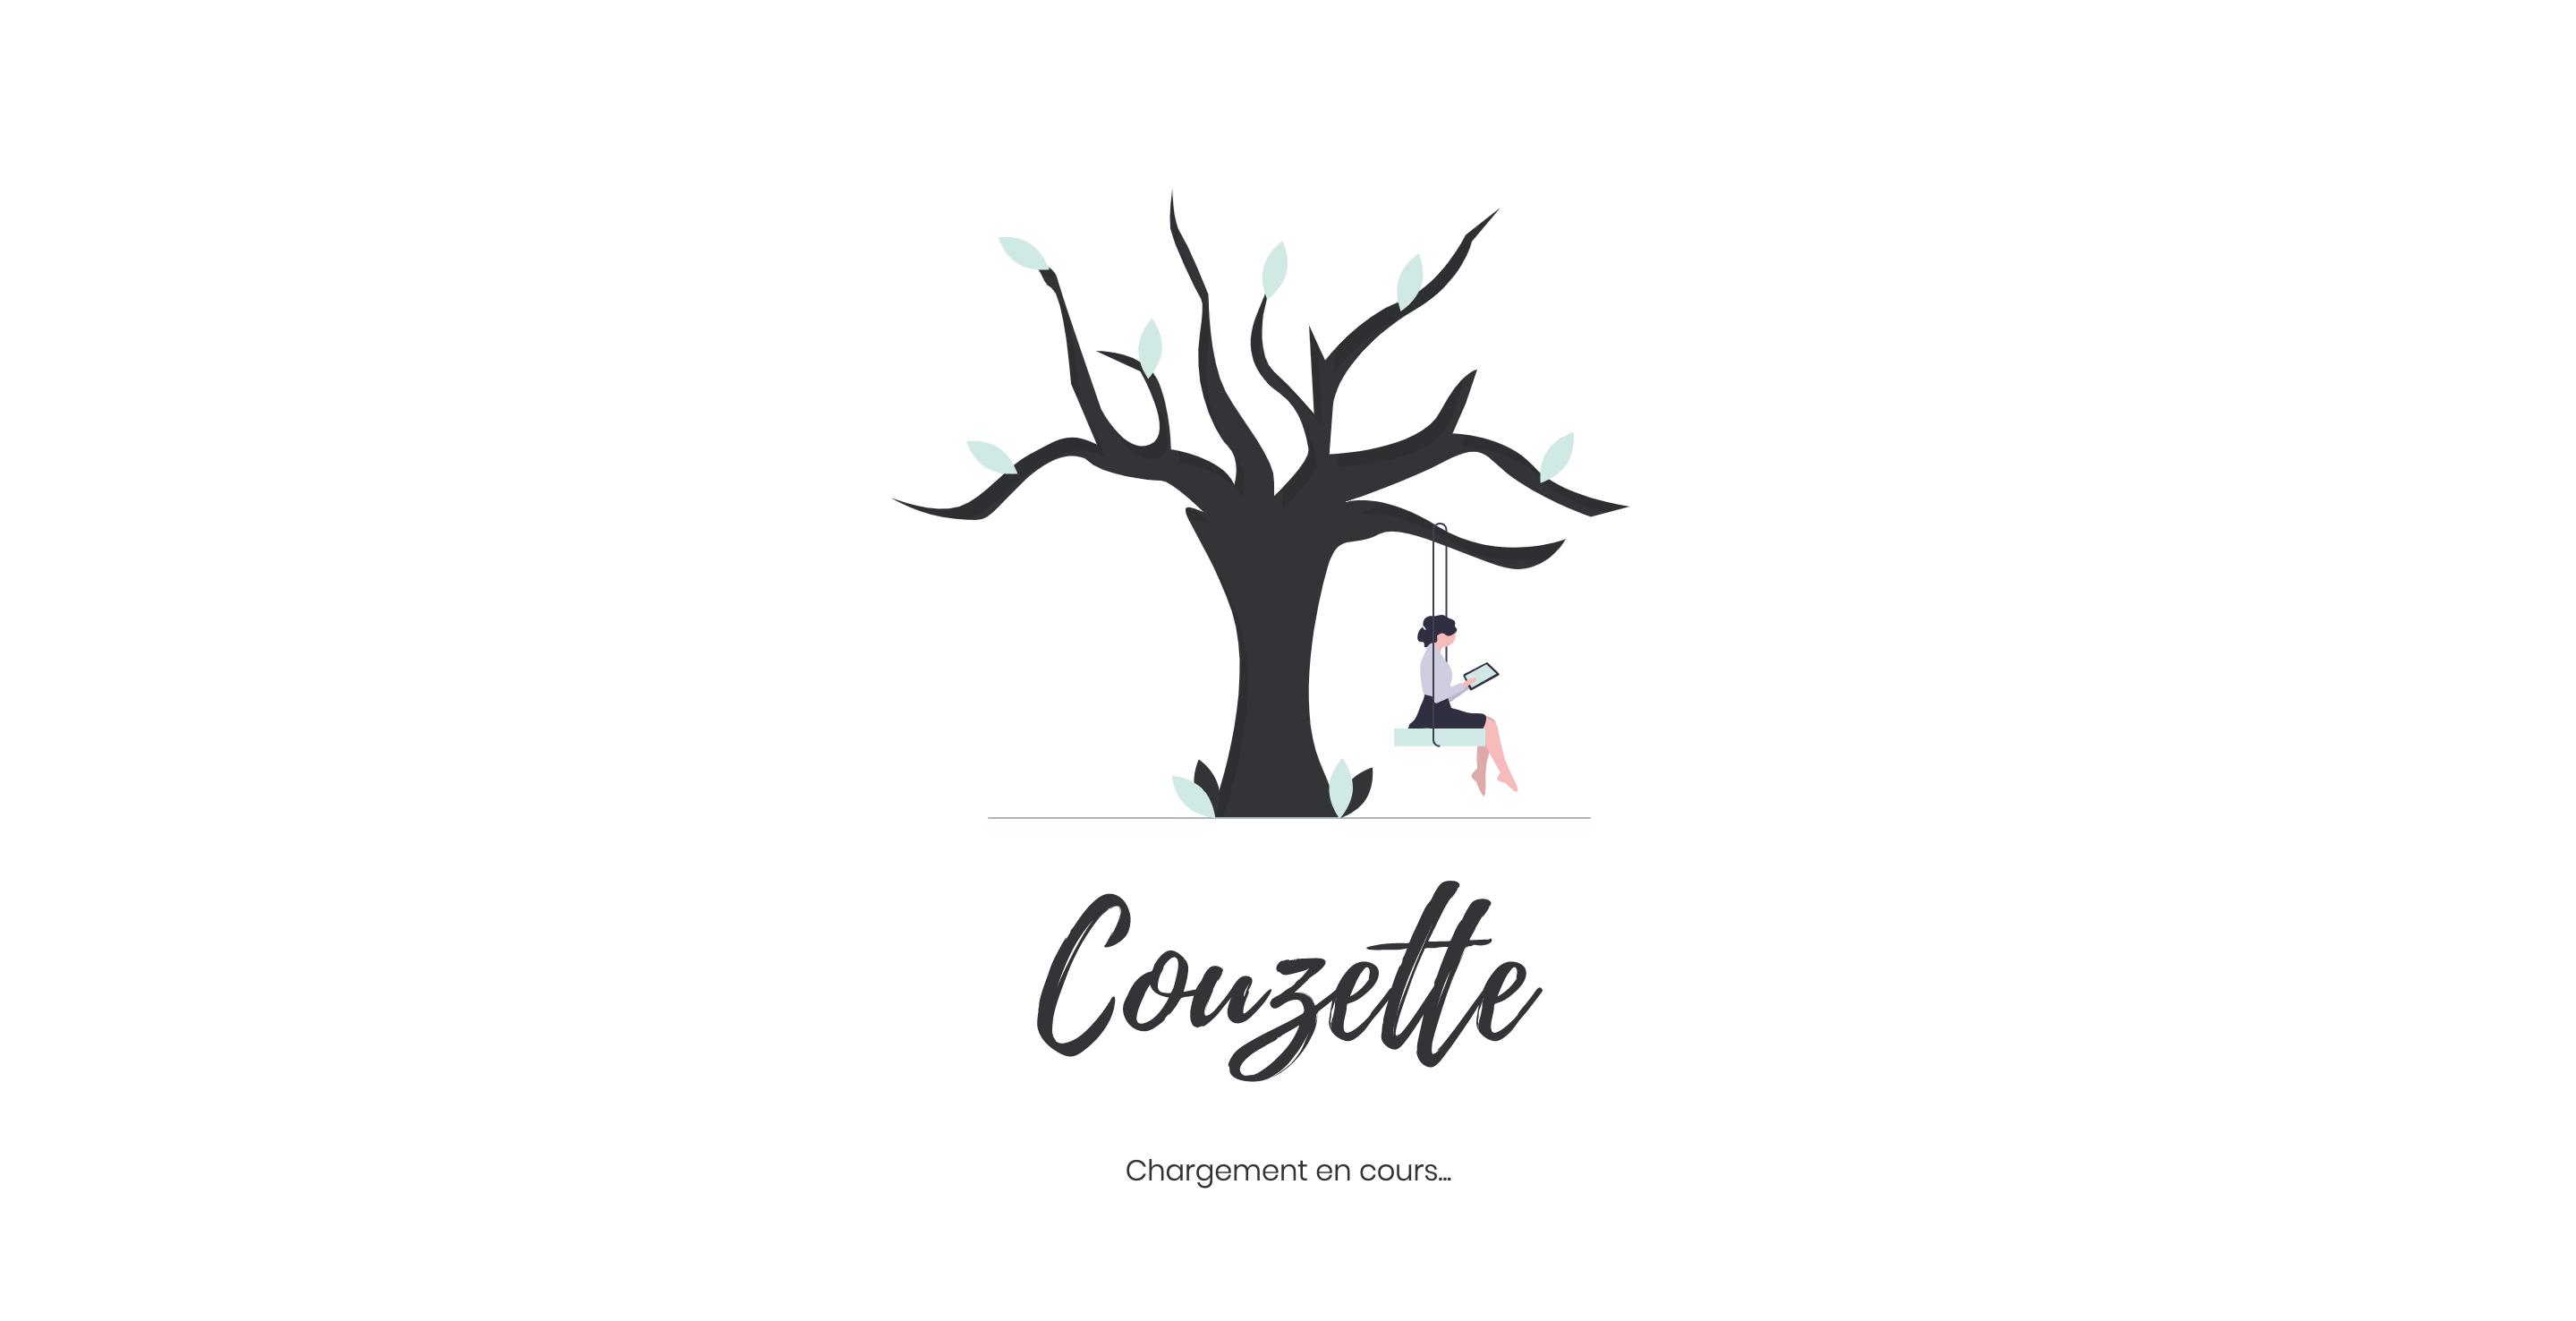 Le logo de Couzette app